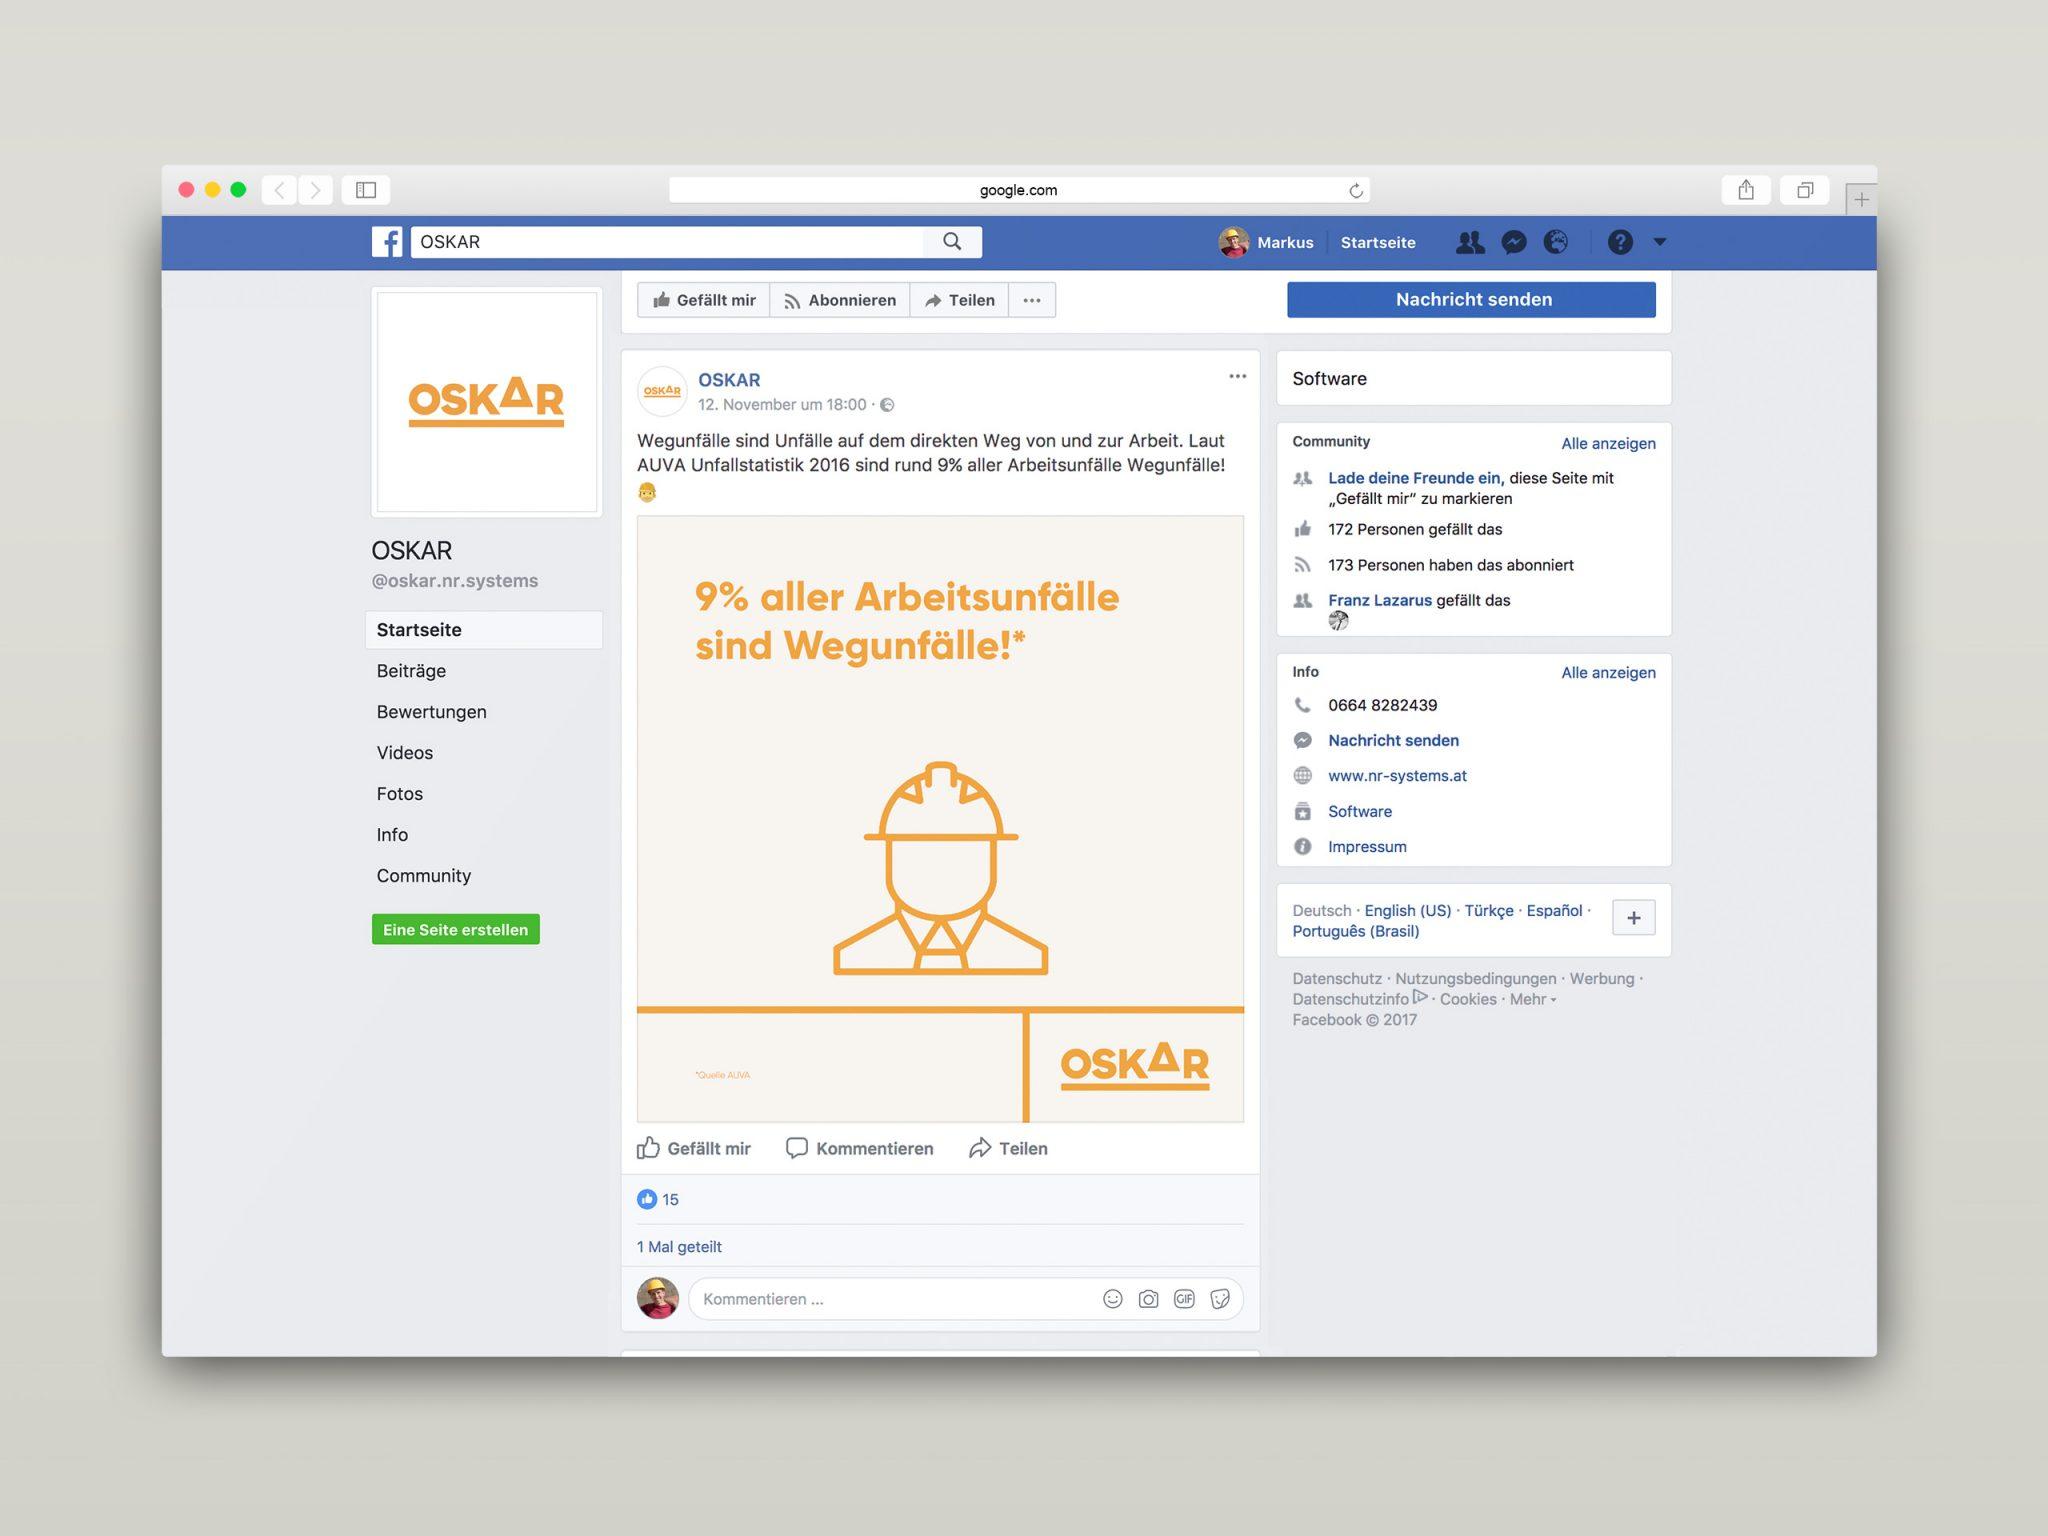 OSK-Facebook-Browser-02_content05